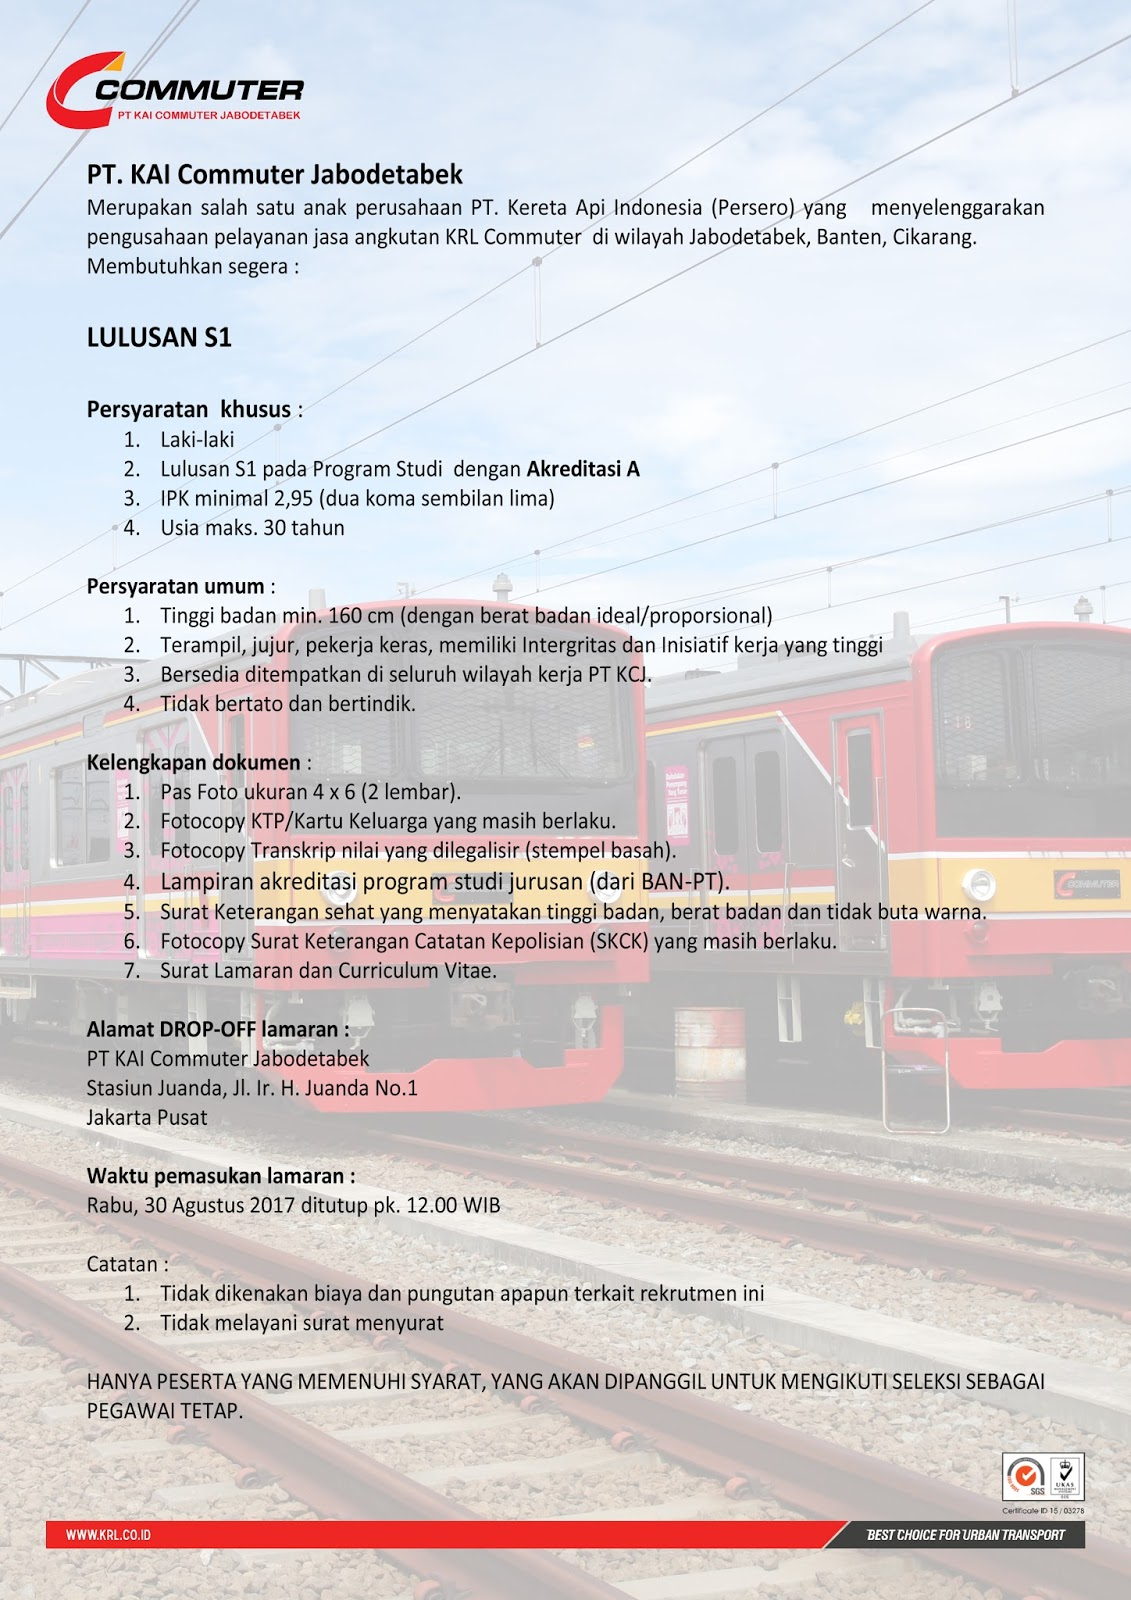 Lowongan Kerja Lowongan Kerja Terbaru Pt Kai Commuter Jabodetabek Agustus 2017